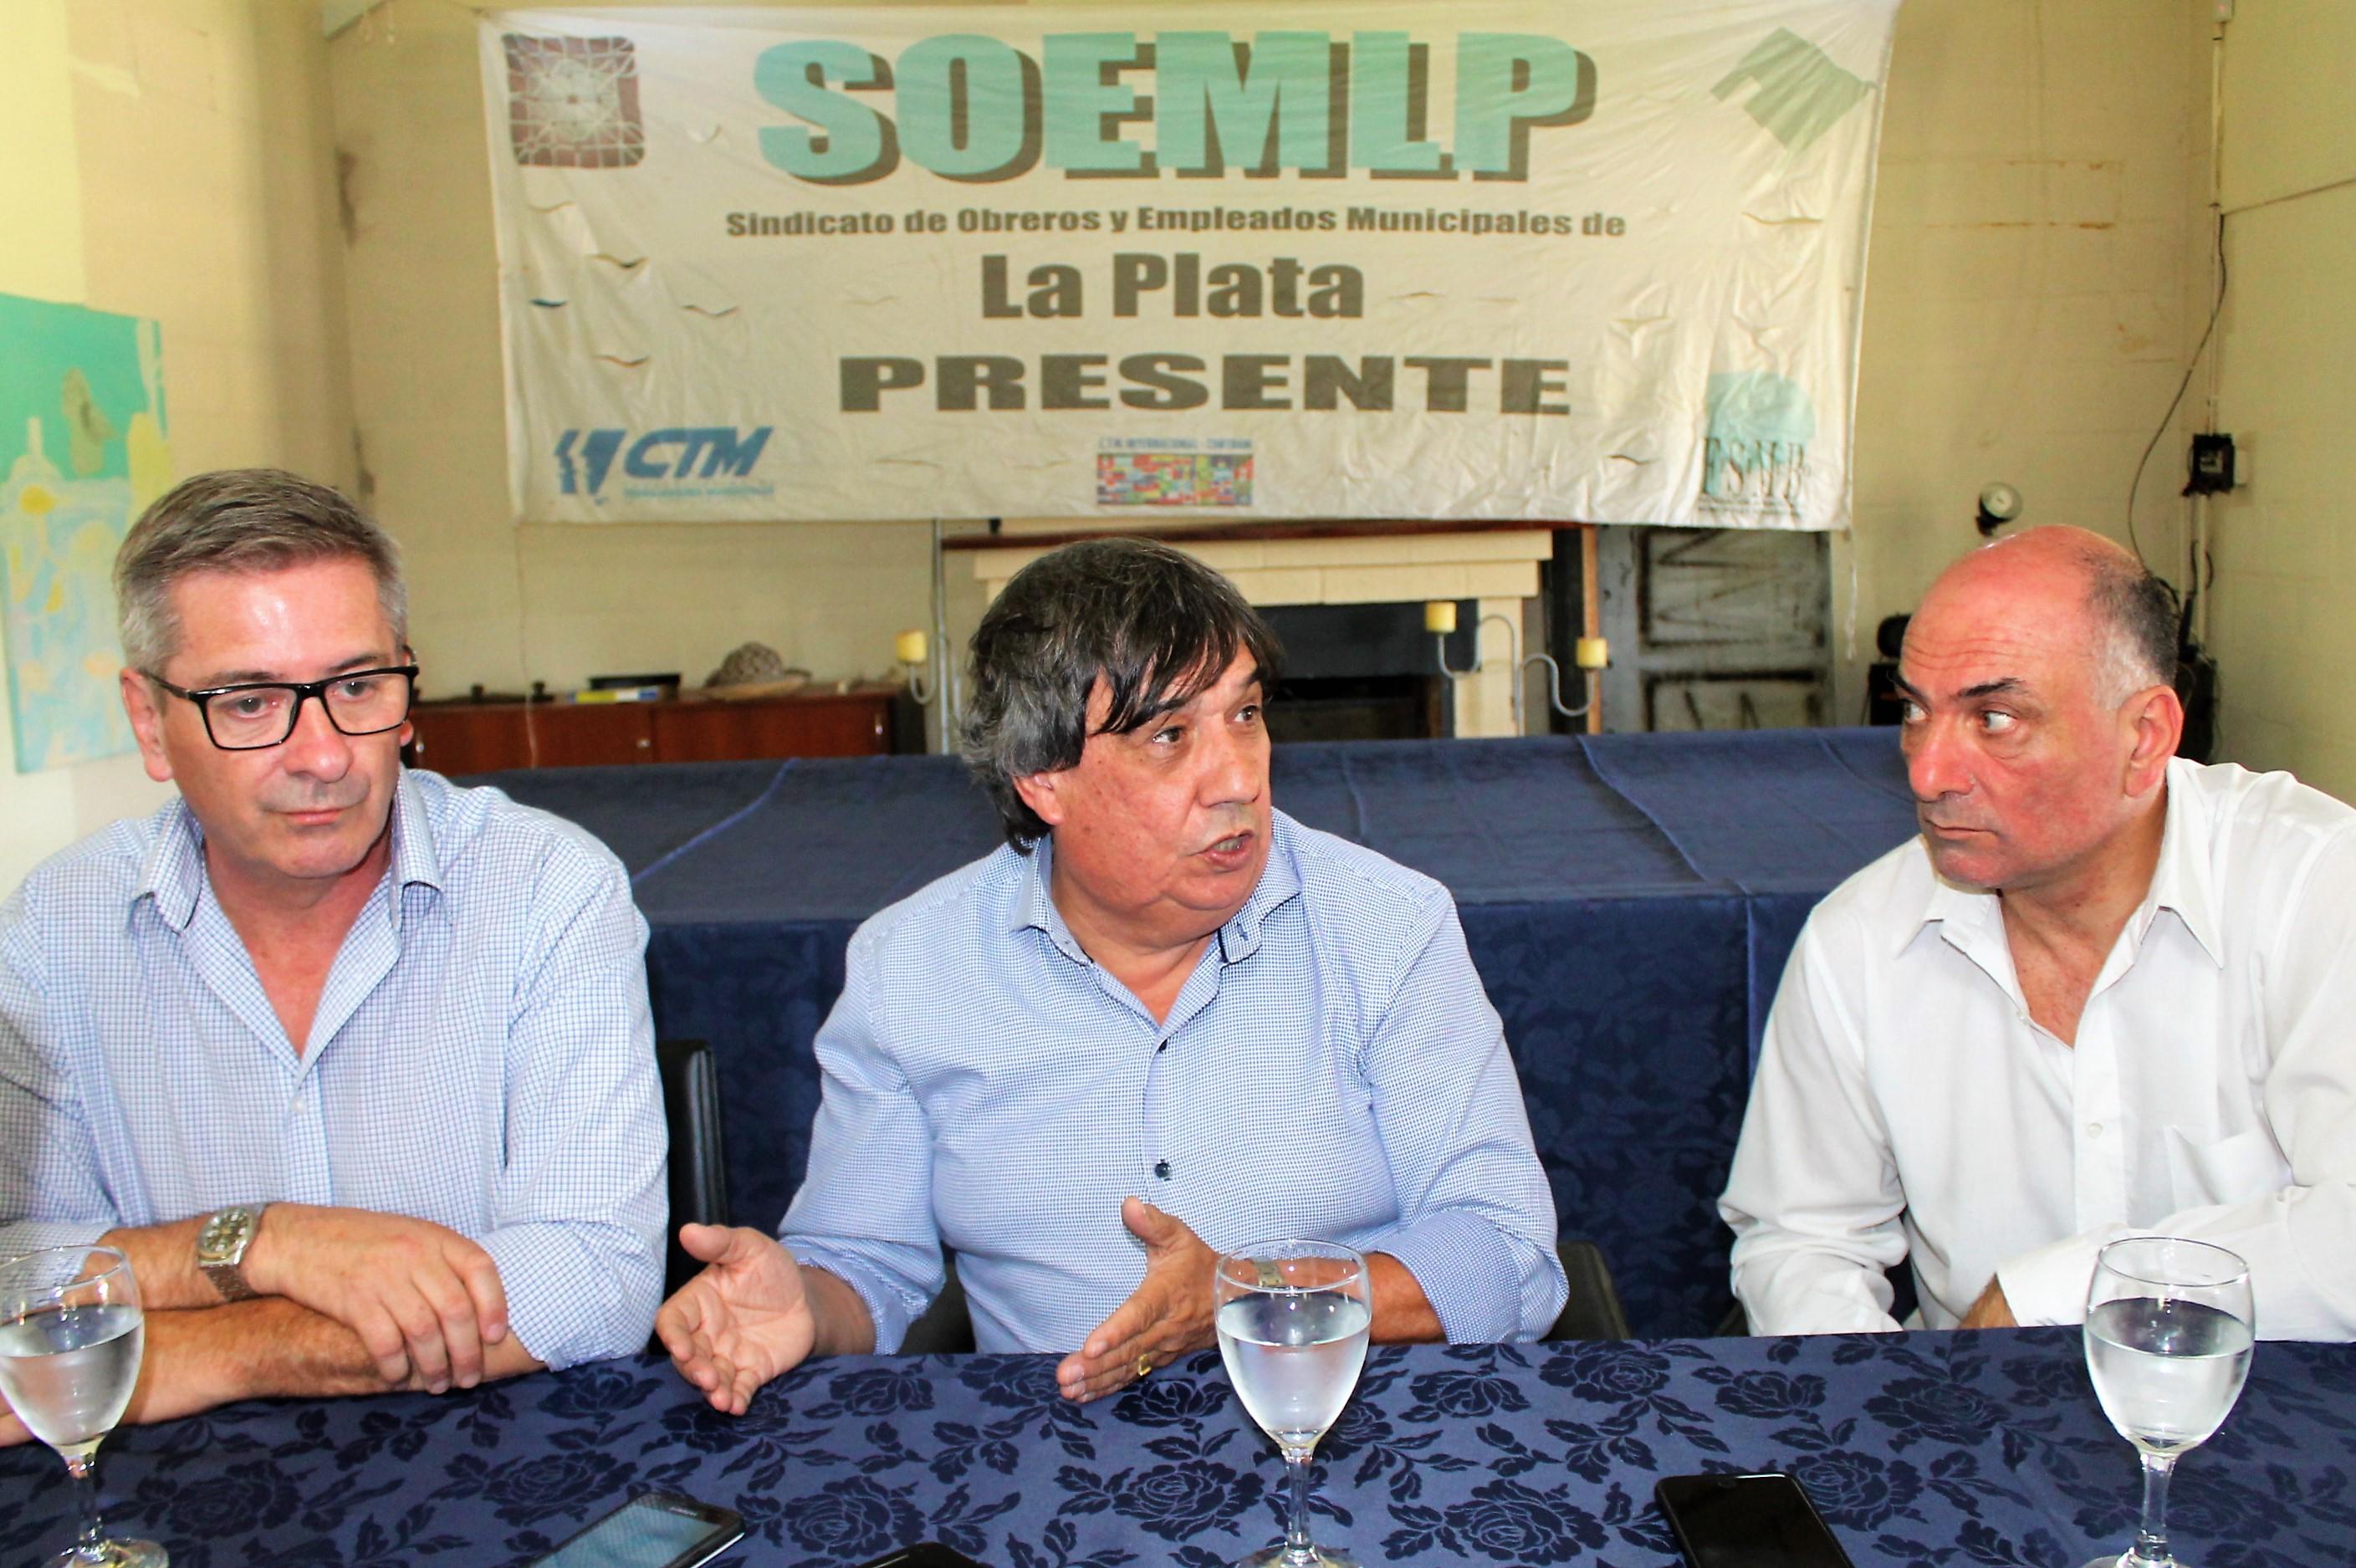 """Rubén """"Cholo"""" García encabezó un encuentro regional de sindicatos municipales en La Plata"""